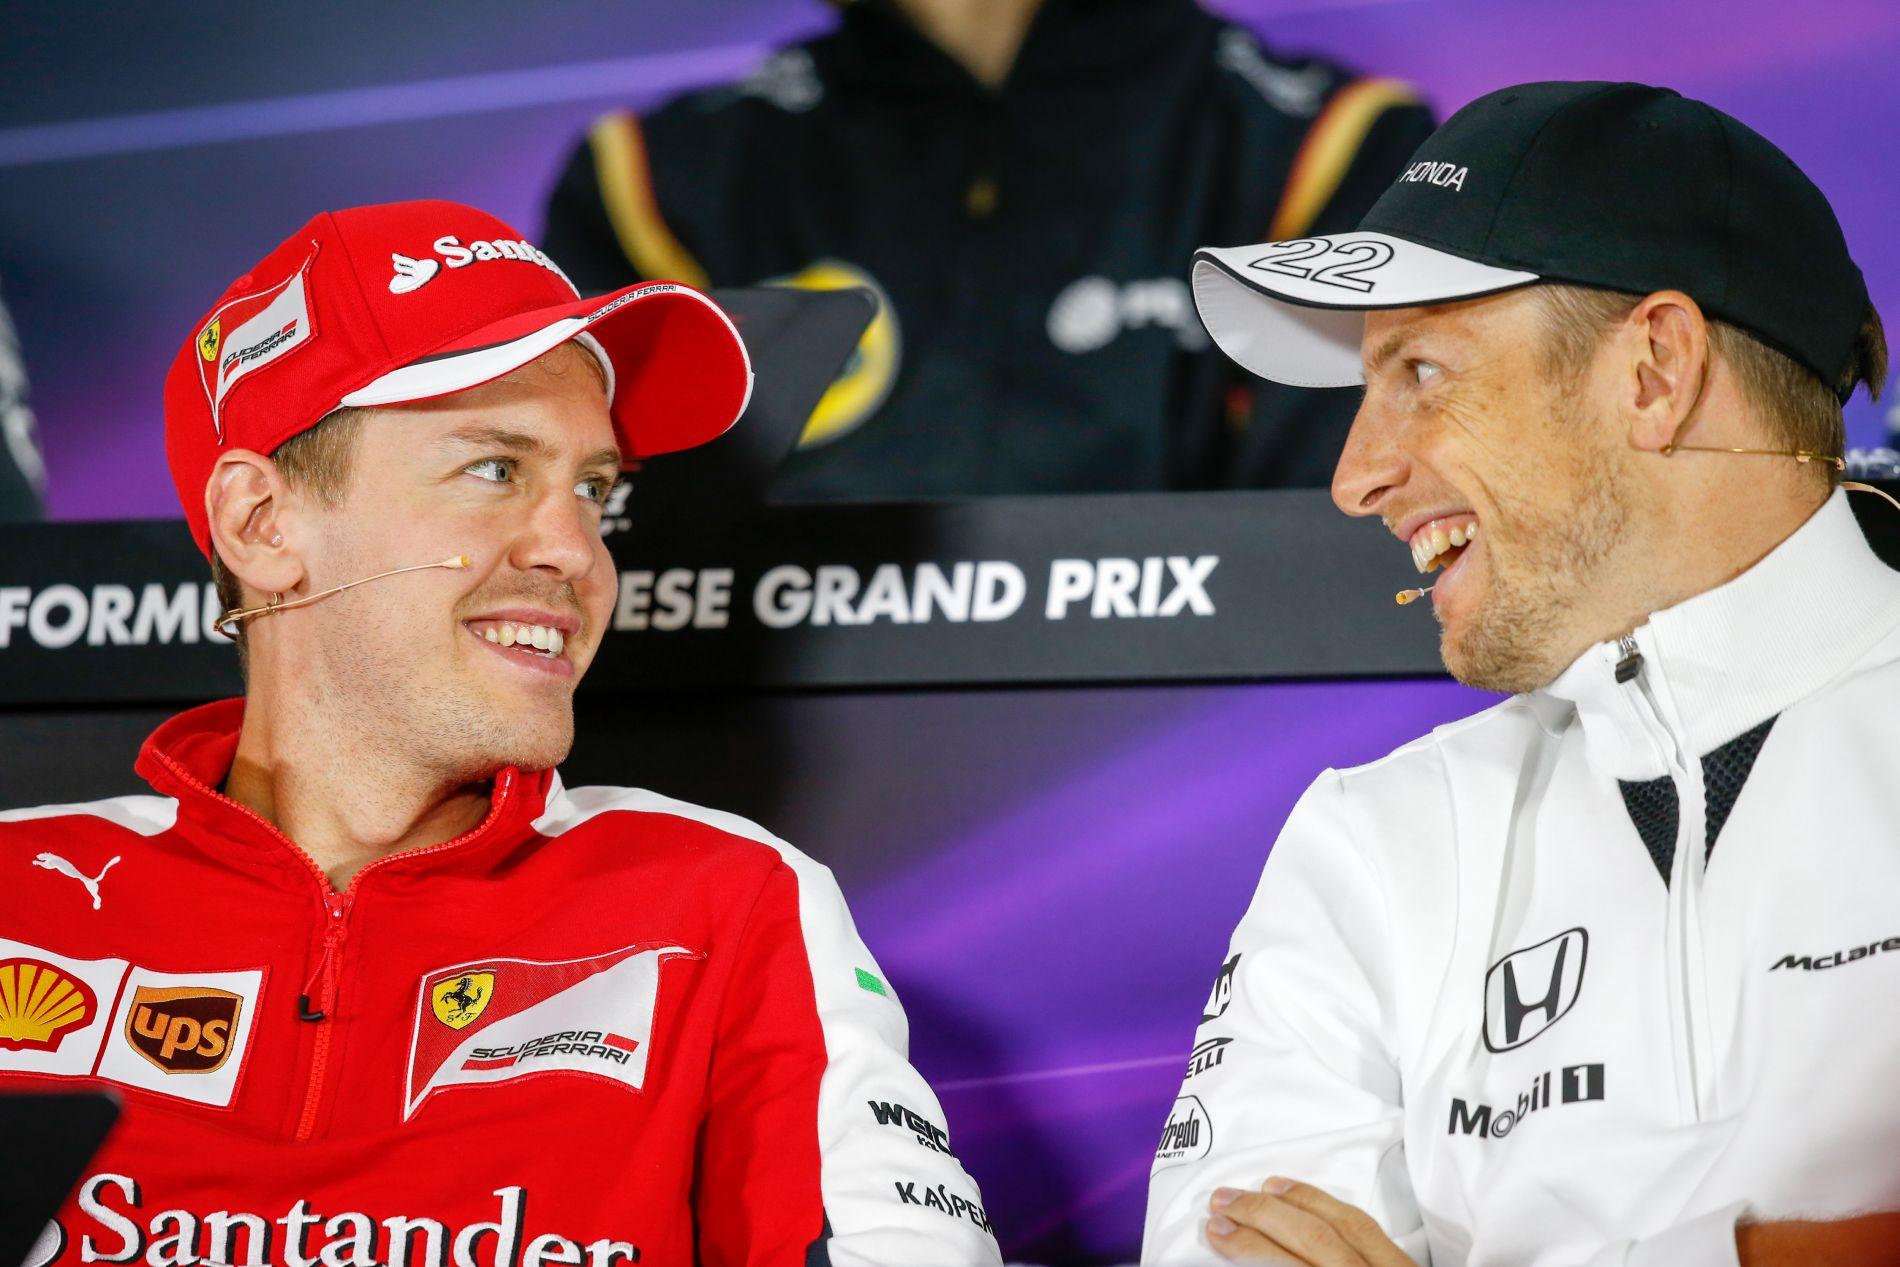 """Button majdnem elsírta magát Vettel szavai után: """"Kösz haver!"""""""